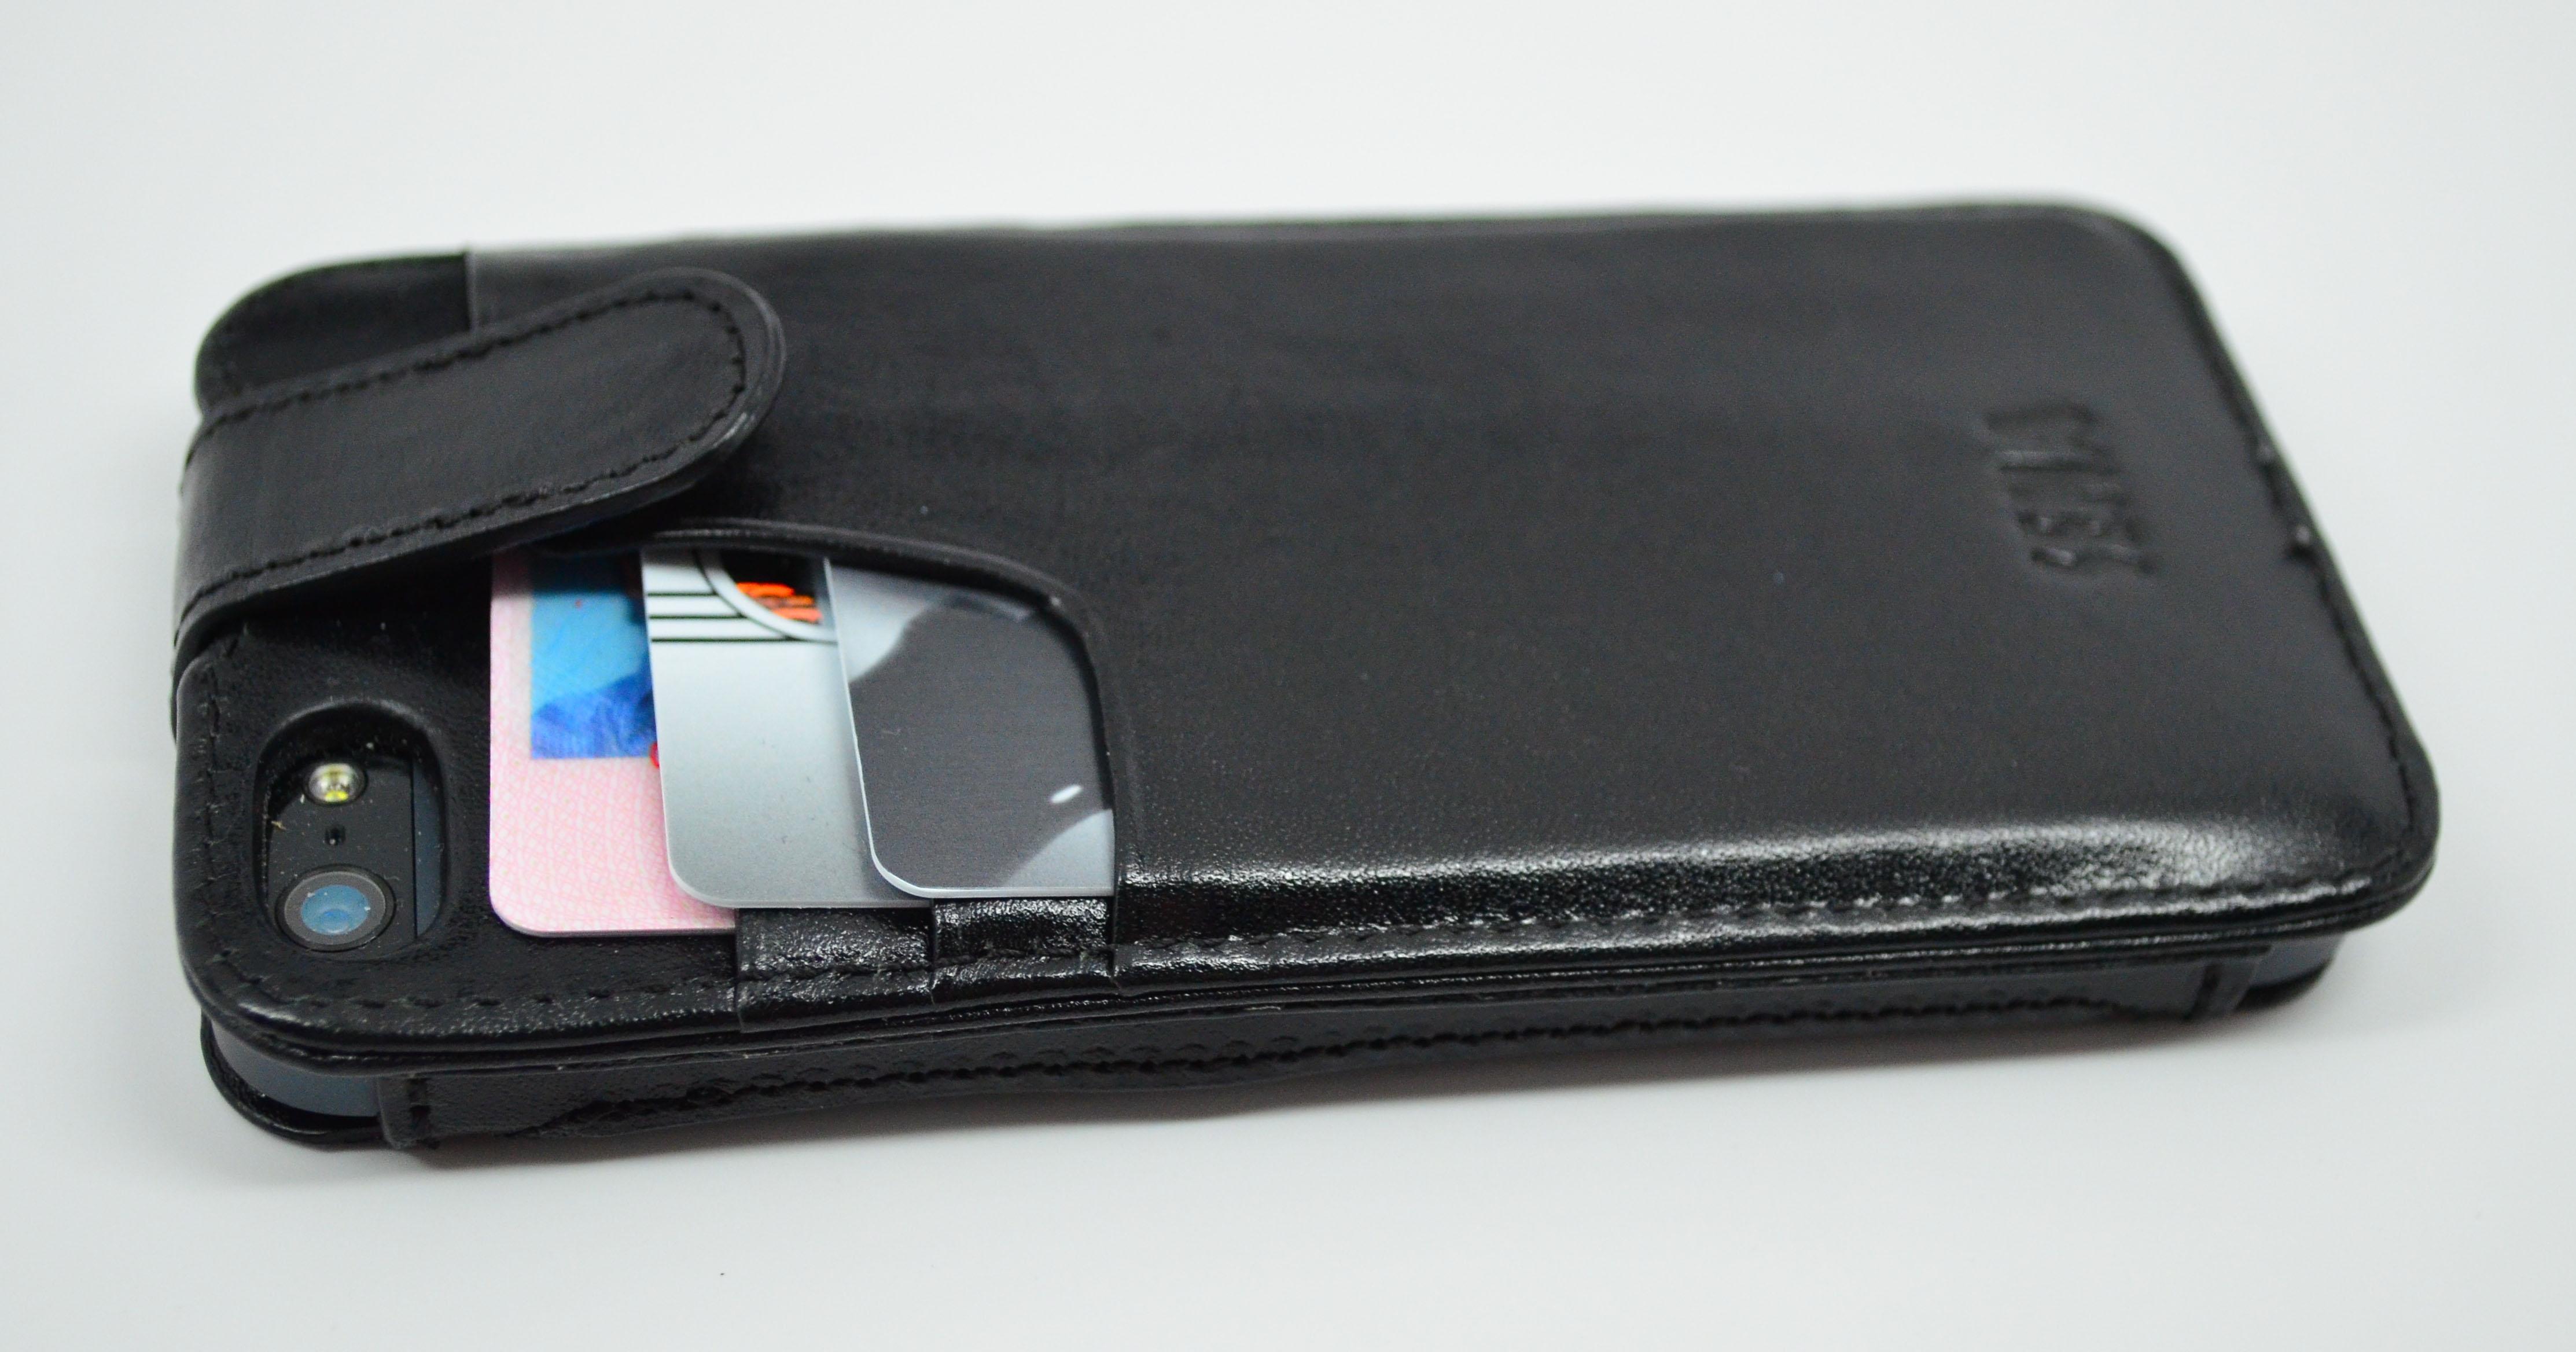 case 5 Iphone 5/5s/se iphone 6 plus/6s plus iphone 7 iphone 7 plus iphone 6/6s iphone 8  case clutch notebook - bem floral manuscrita r$189,90 r$179,90.